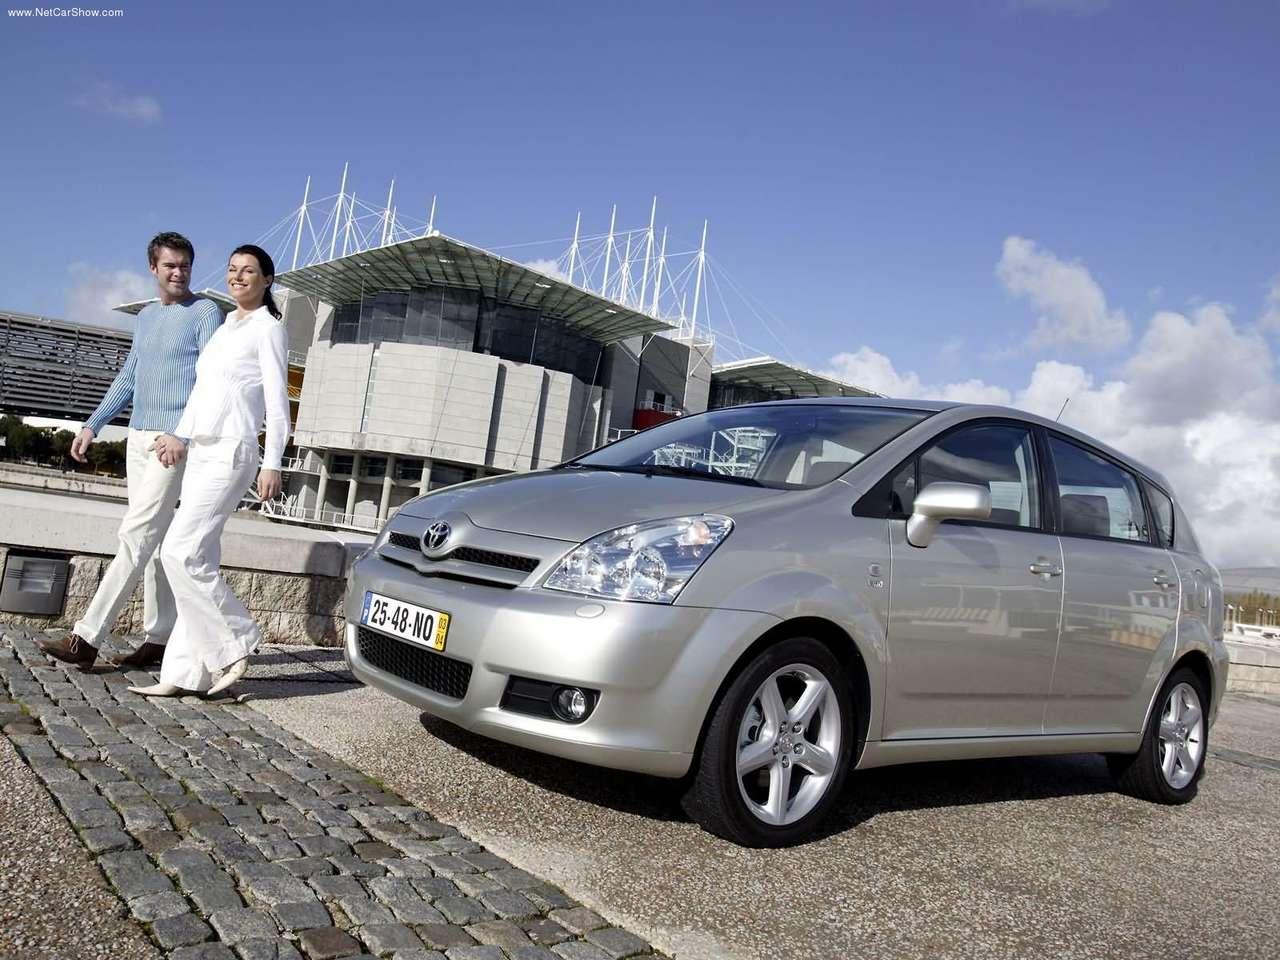 http://4.bp.blogspot.com/_xhqjRo6NERQ/S8l_pOlUScI/AAAAAAAAIDw/XxK5Mz2bAwk/s1600/Toyota-Corolla_Verso_VVTi_2004_1280x960_wallpaper_02.jpg